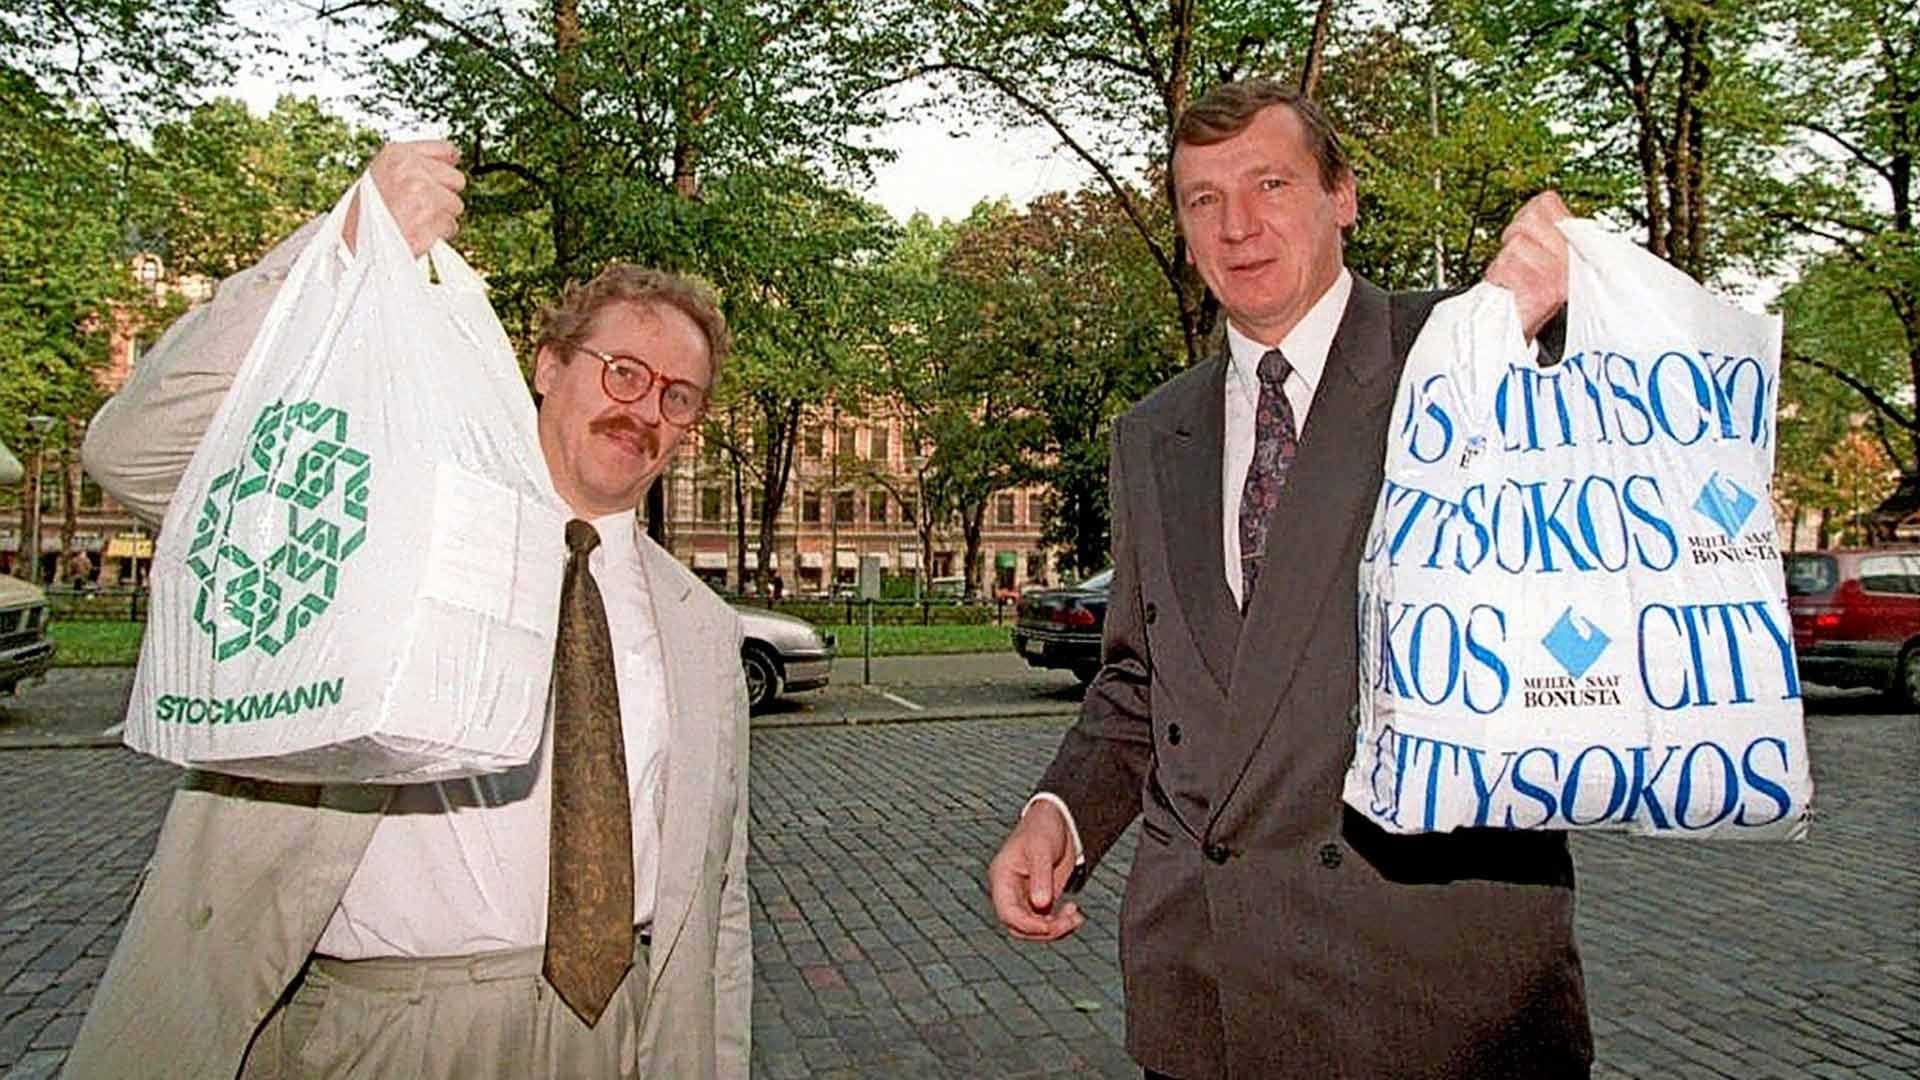 Kari Bärlund ja Raimo Vistbacka kiikuttivat Perussuomalaiset ry:n puoluerekisteriin pääsemiseksi tarvittavat kannattajakortit muovikasseissa oikeusministeriöön vuonna 1995.